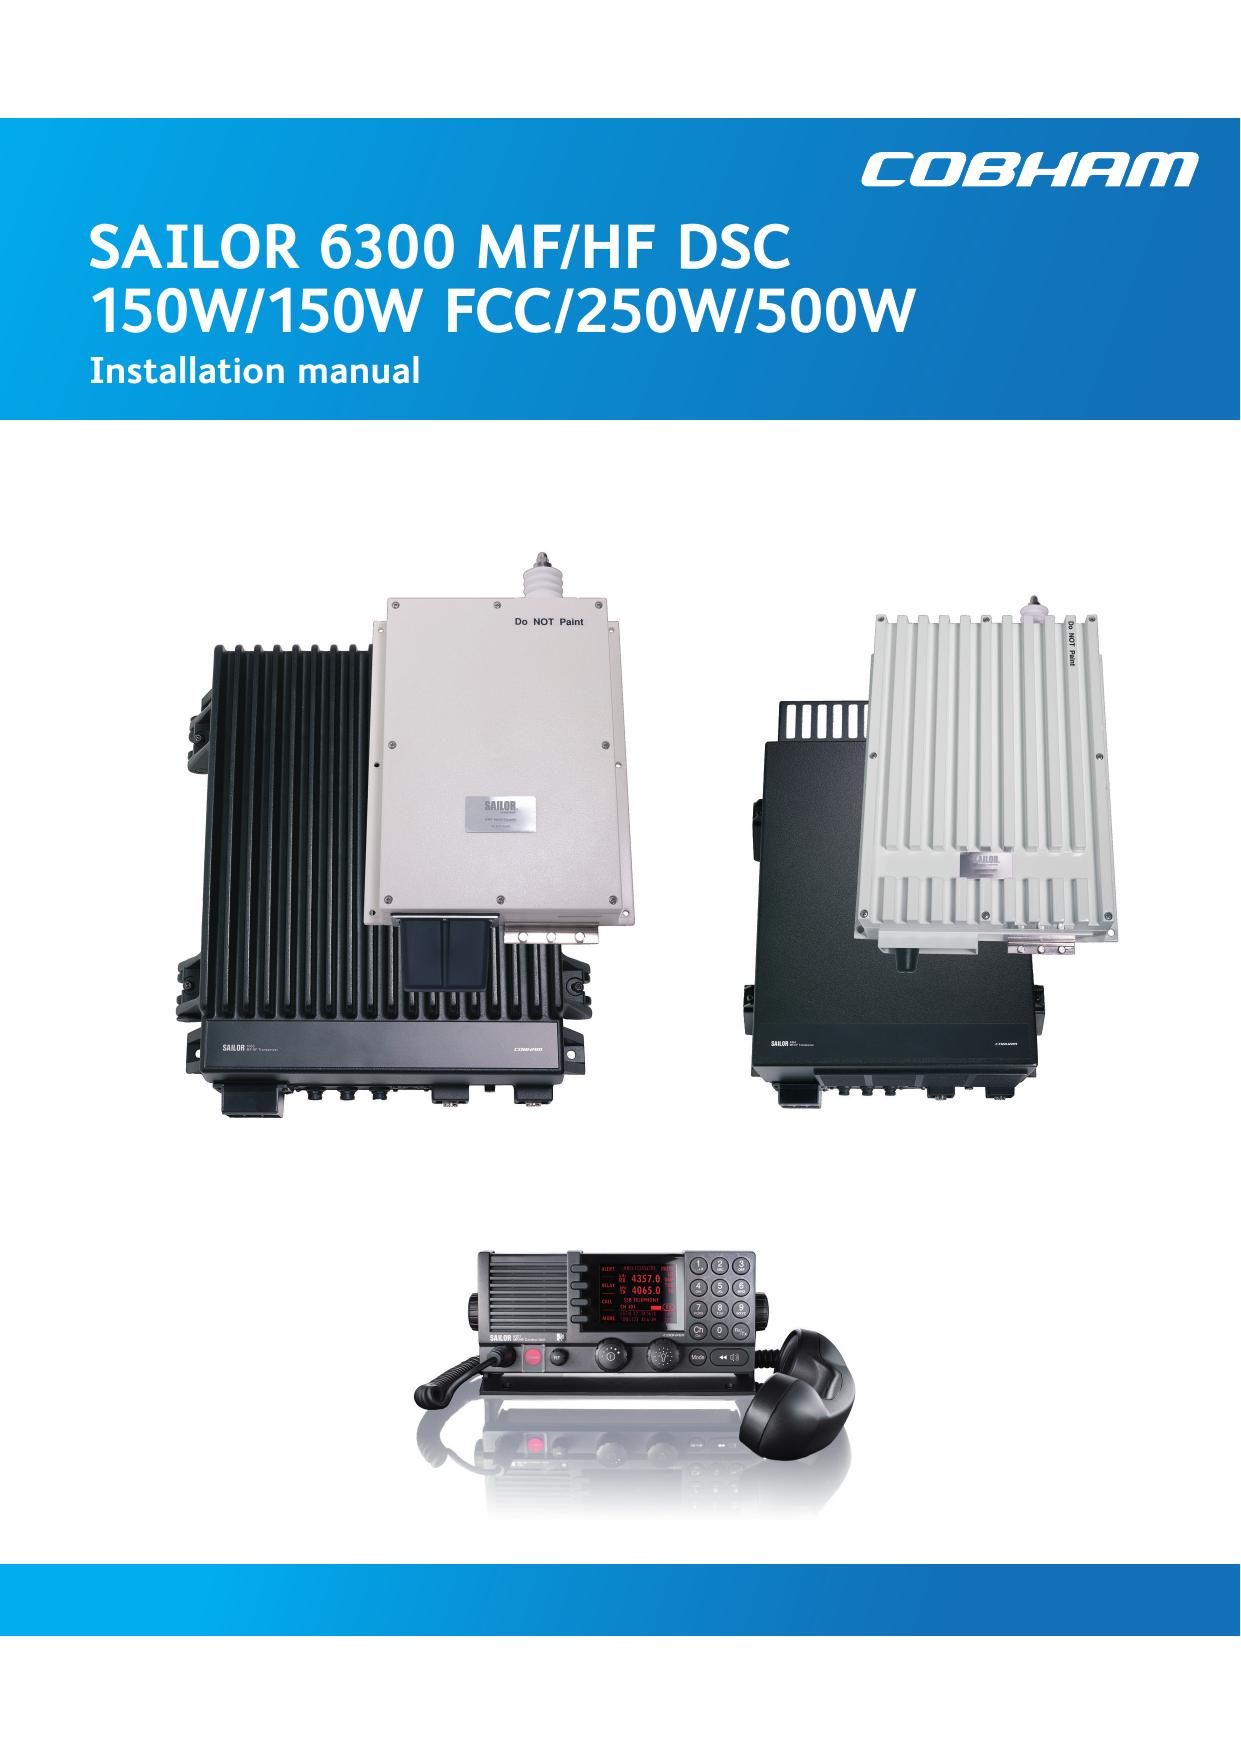 sailor 6300 mf/hf dsc 150w/150w fcc/250w/500w | manualzz com